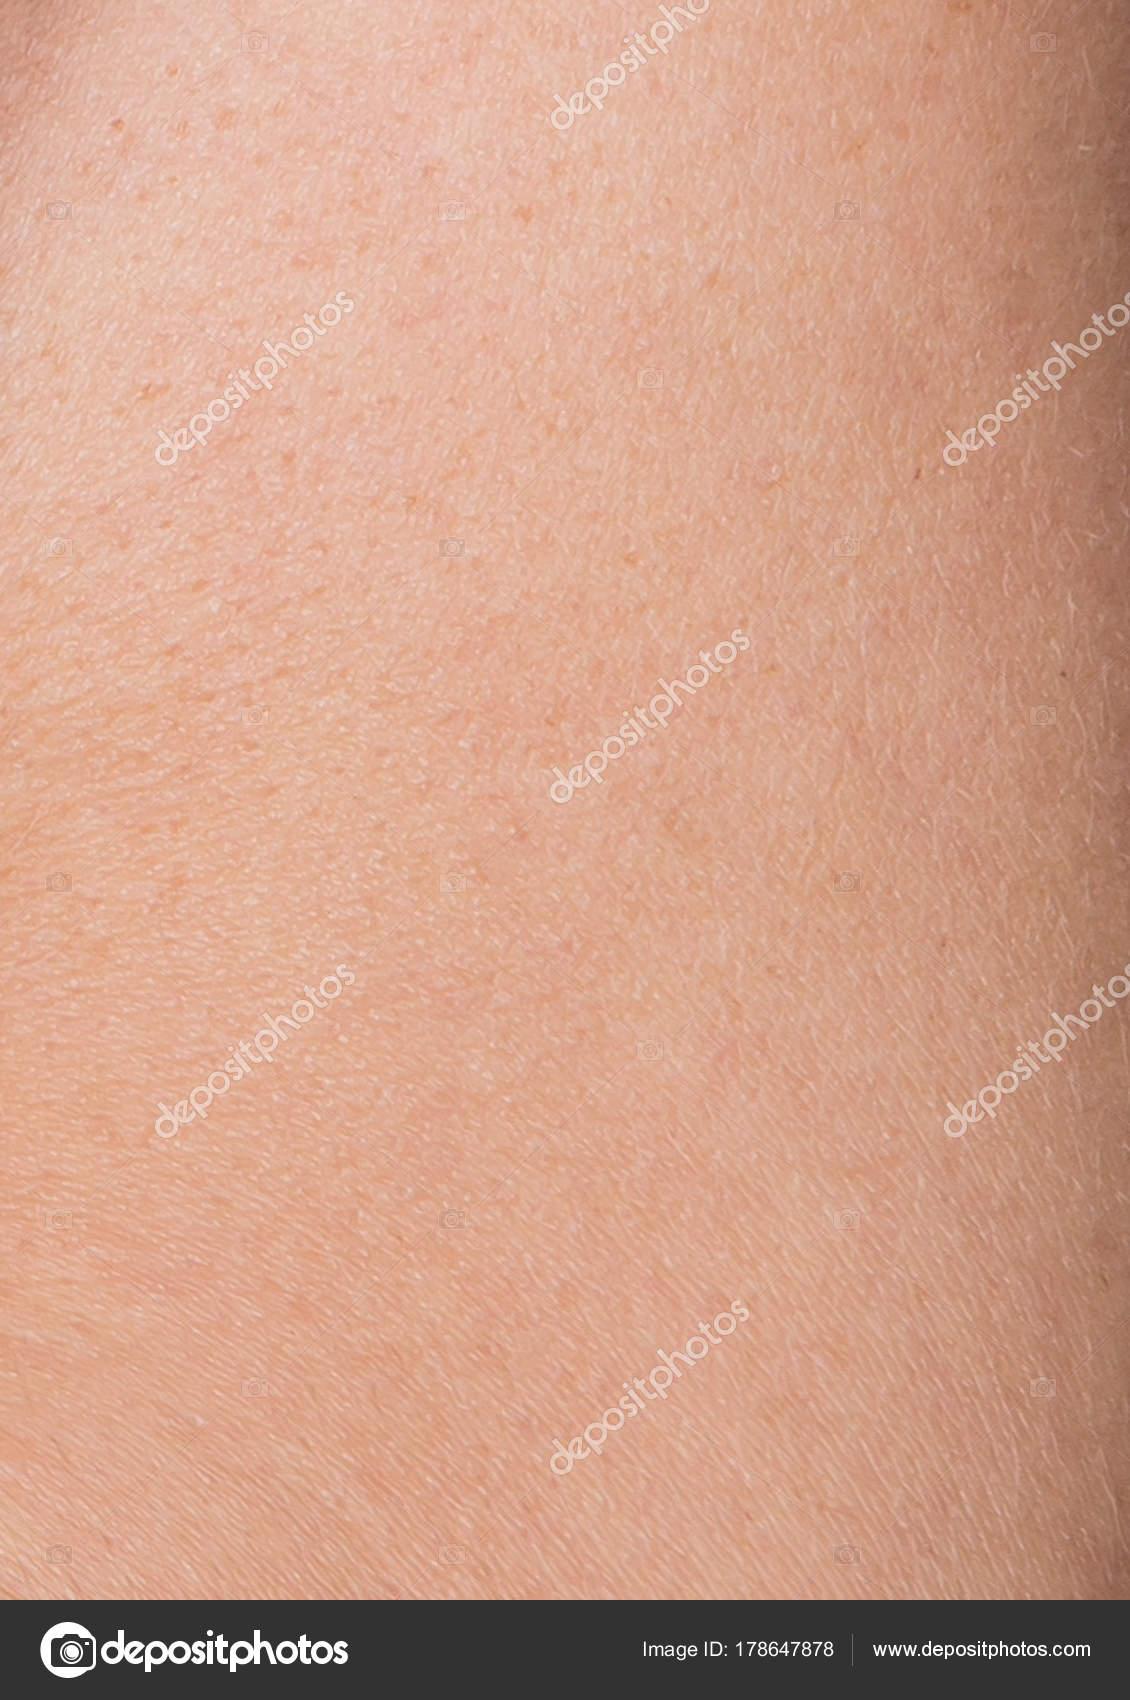 Macro del patrón de la piel del abdomen humano con células y líneas ...